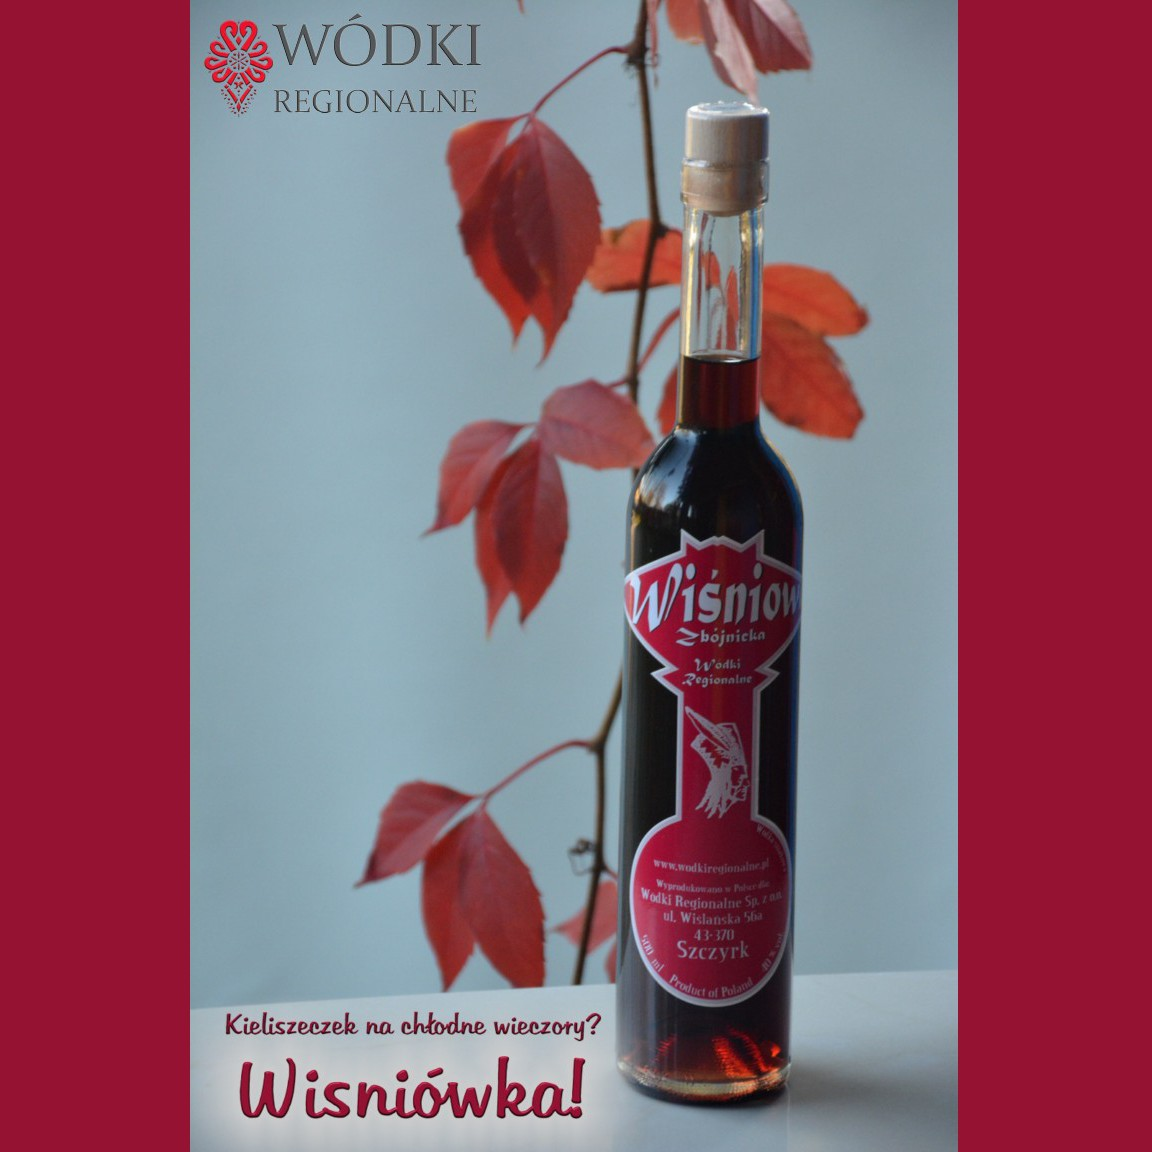 wisniowka-wodki-regionalne-alkohol